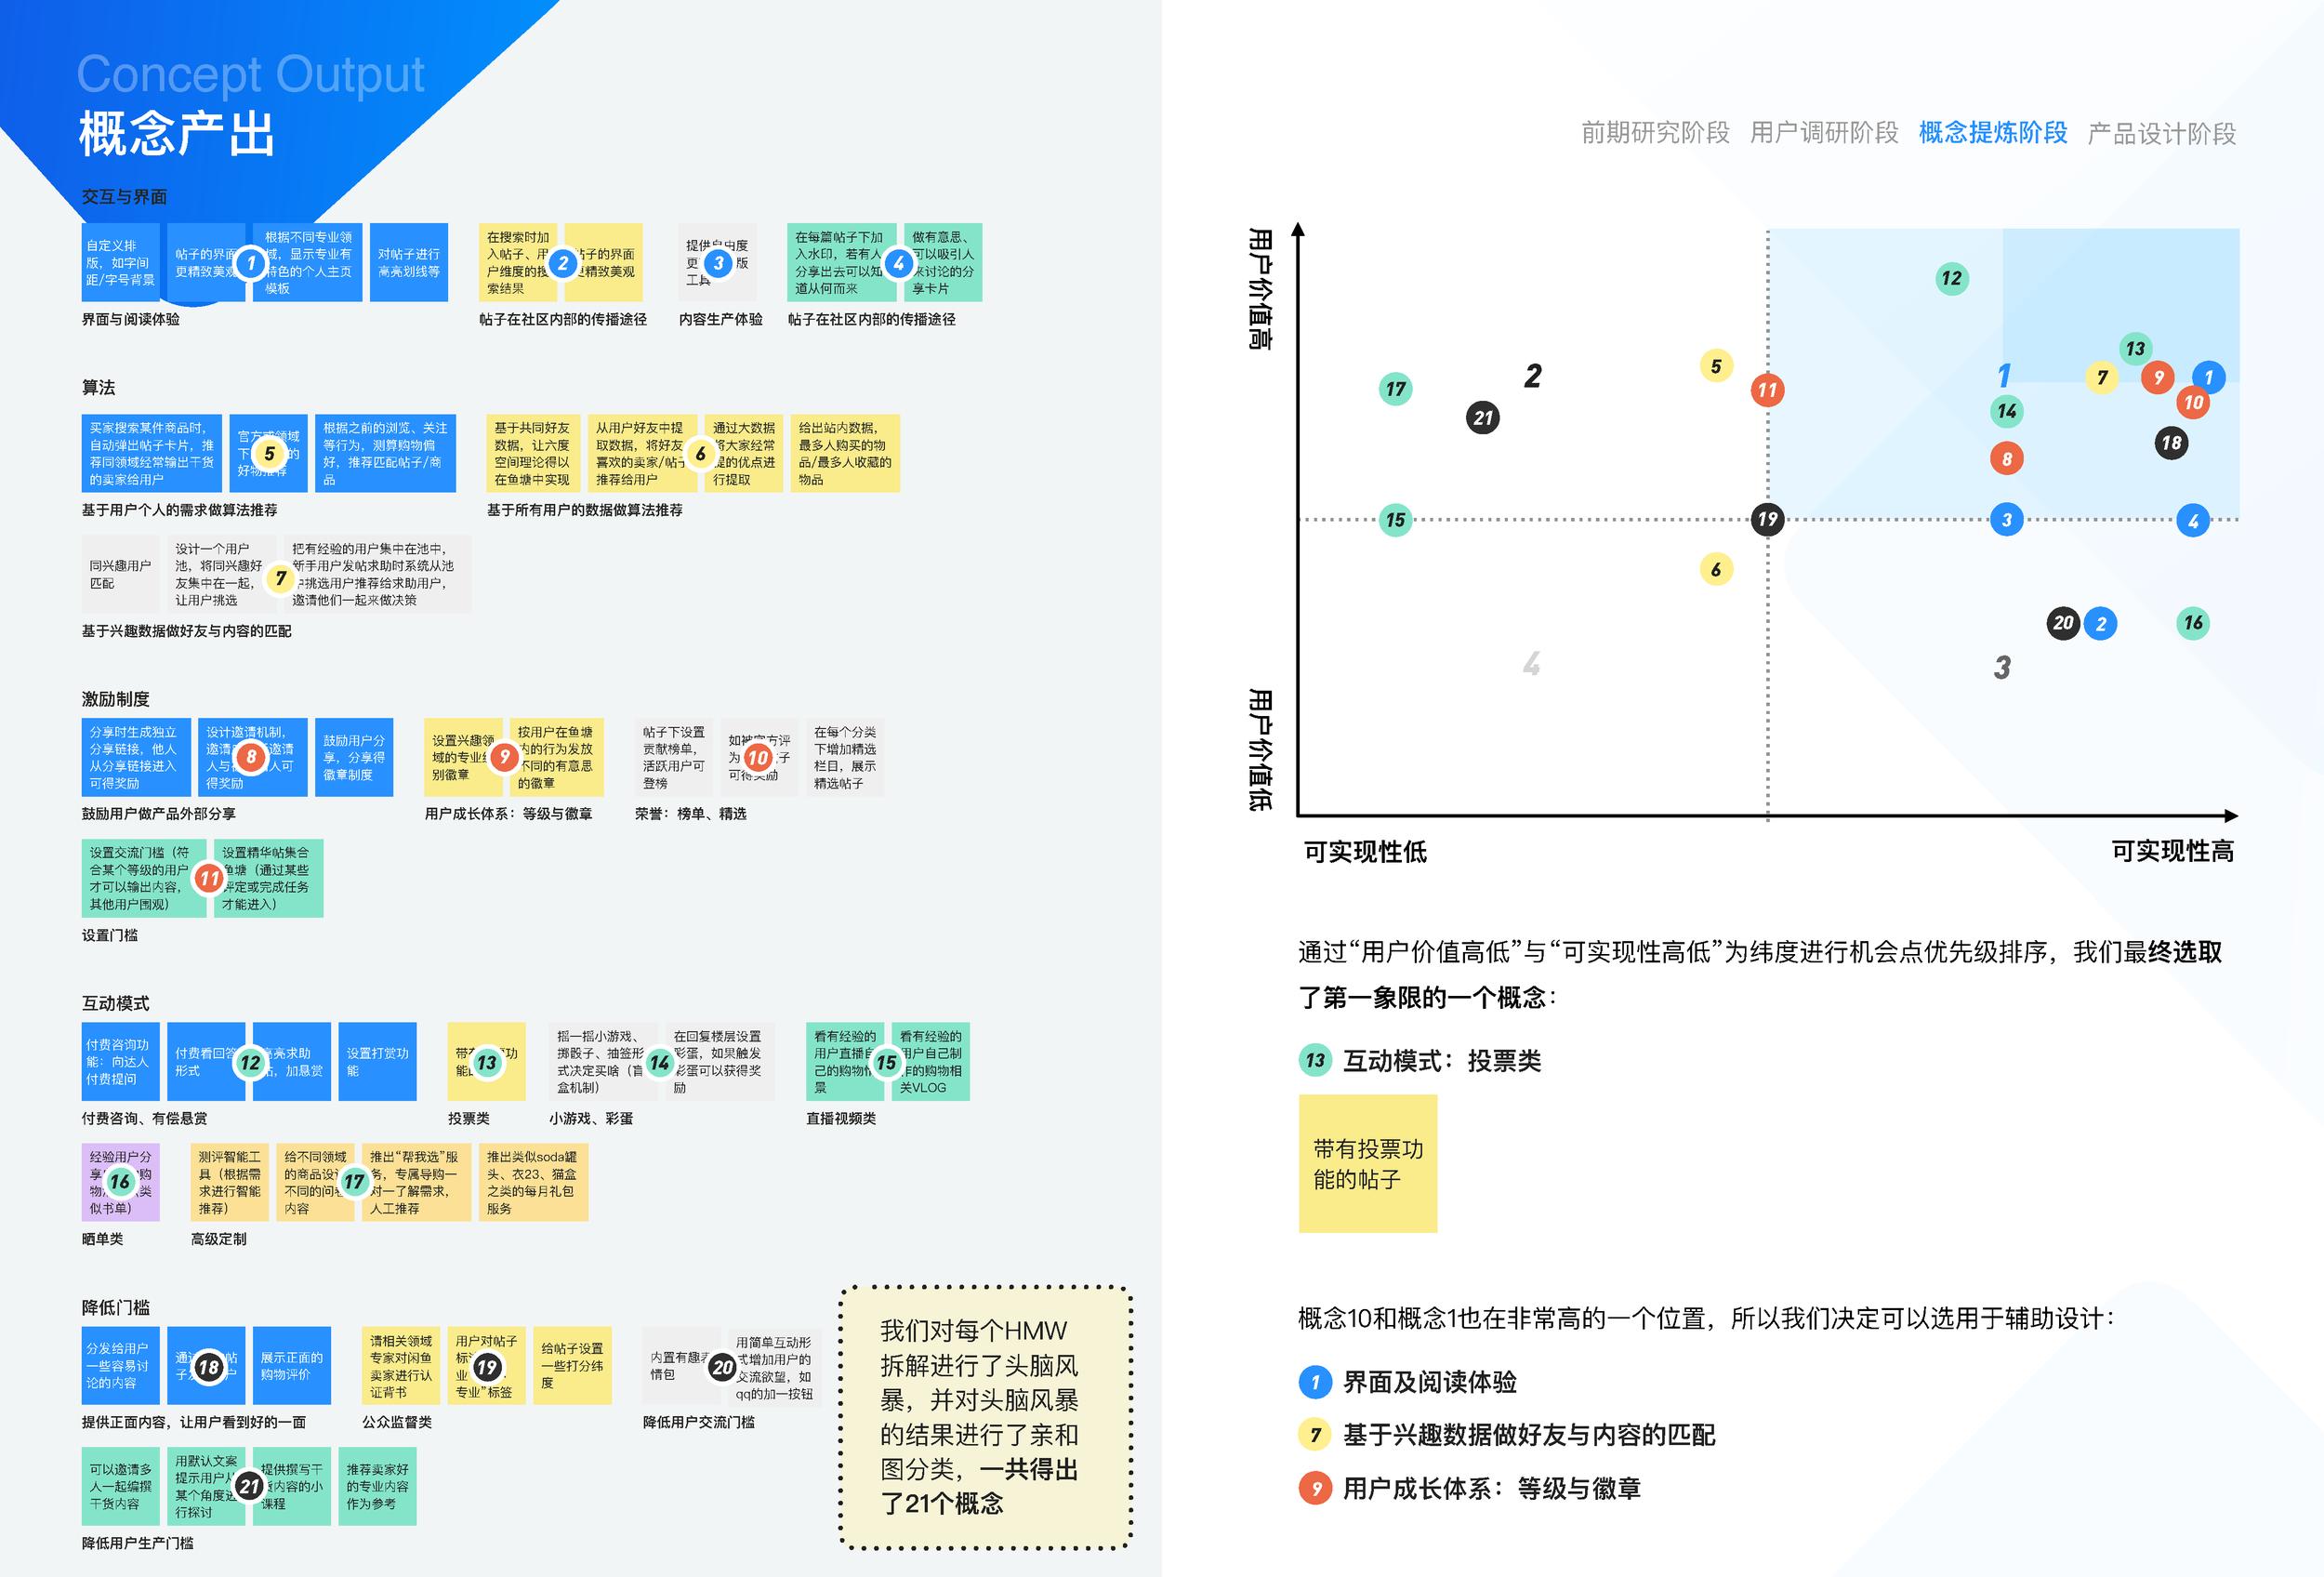 闲鱼社区互动设计(17小组油猫饼)_页面_17.png